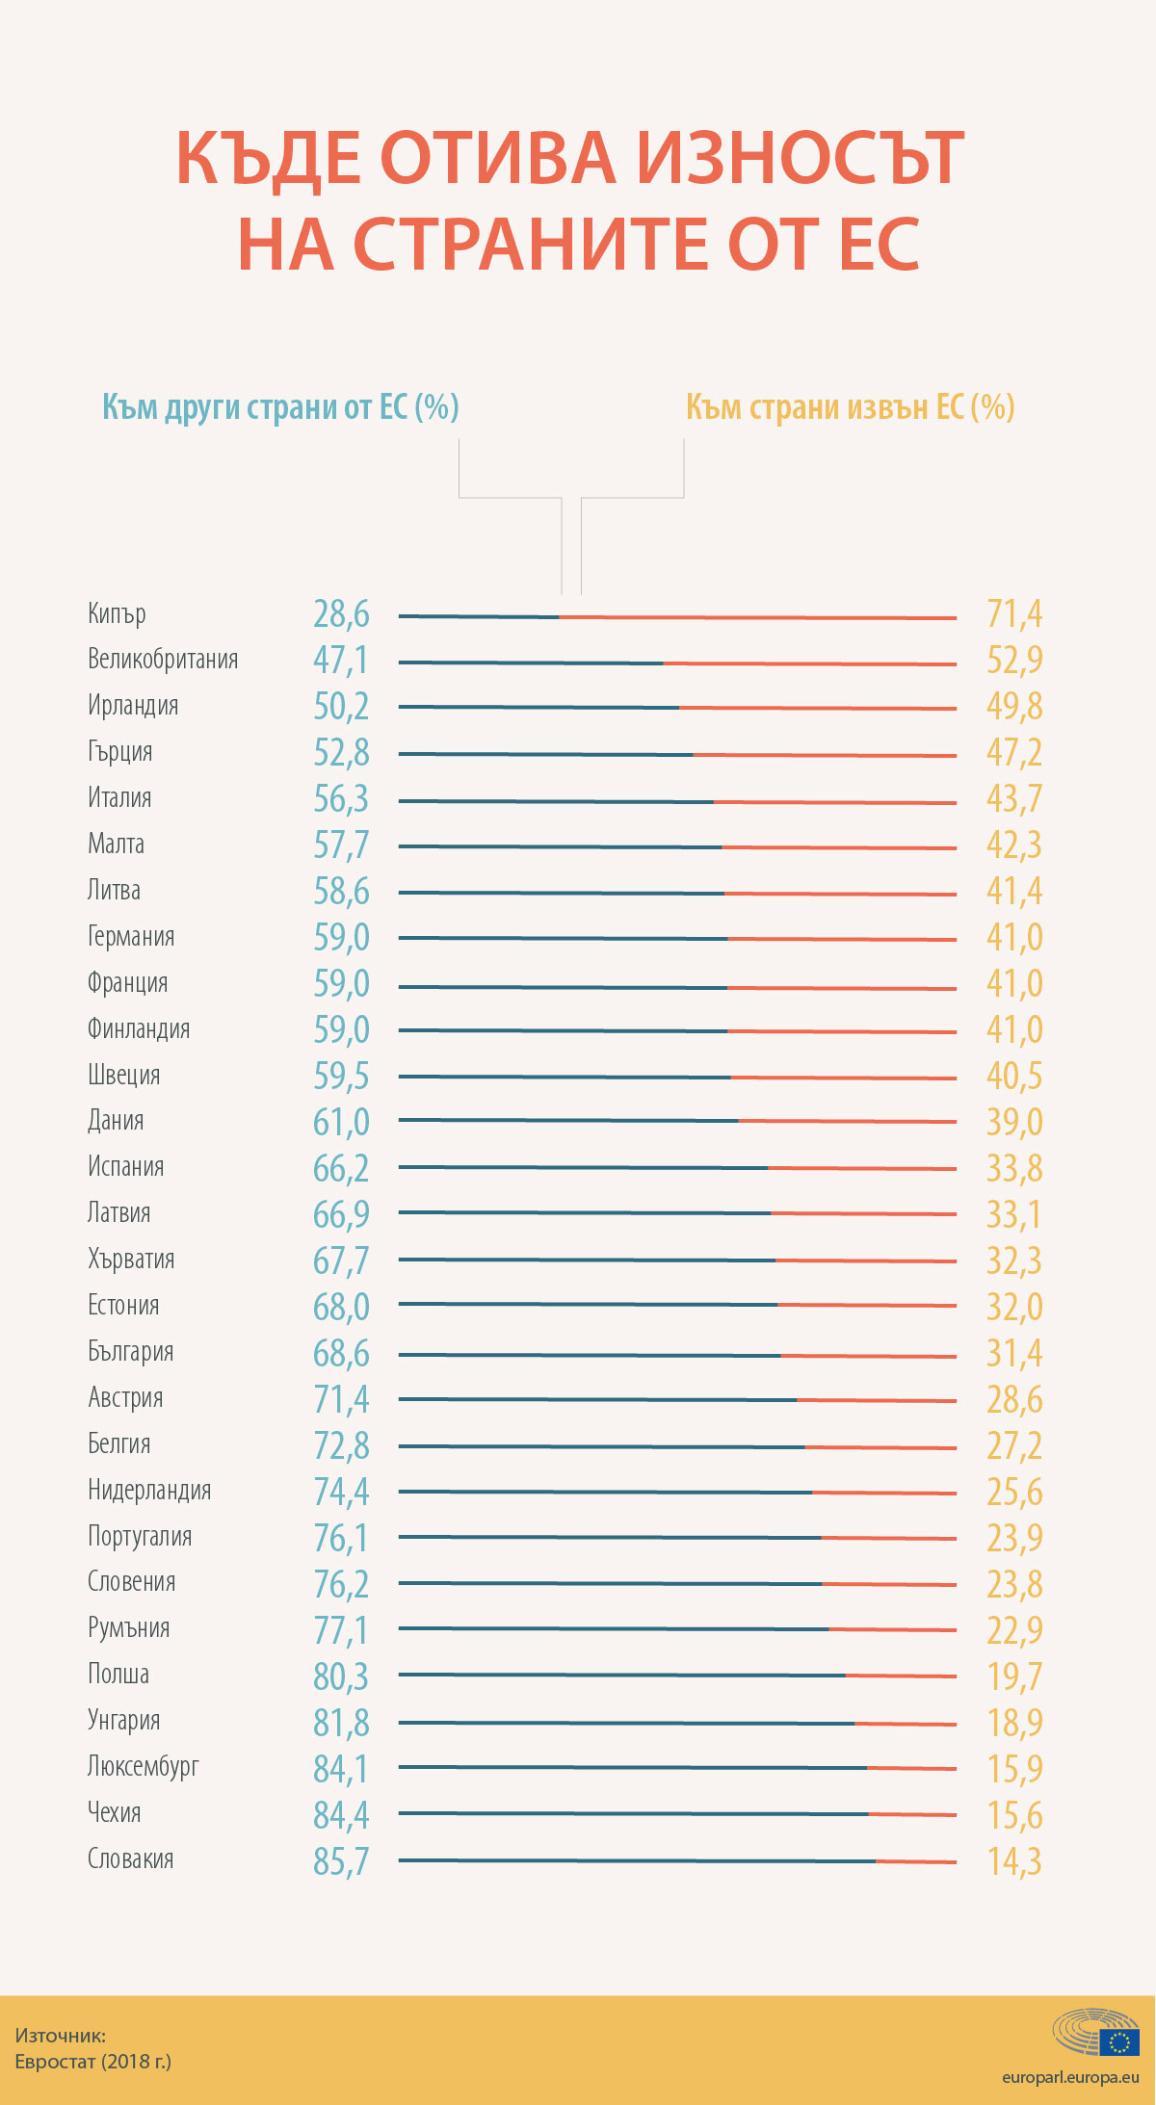 Инфографика: Дял на износа на страните в ЕС към европейския и световния пазар през 2018 г.